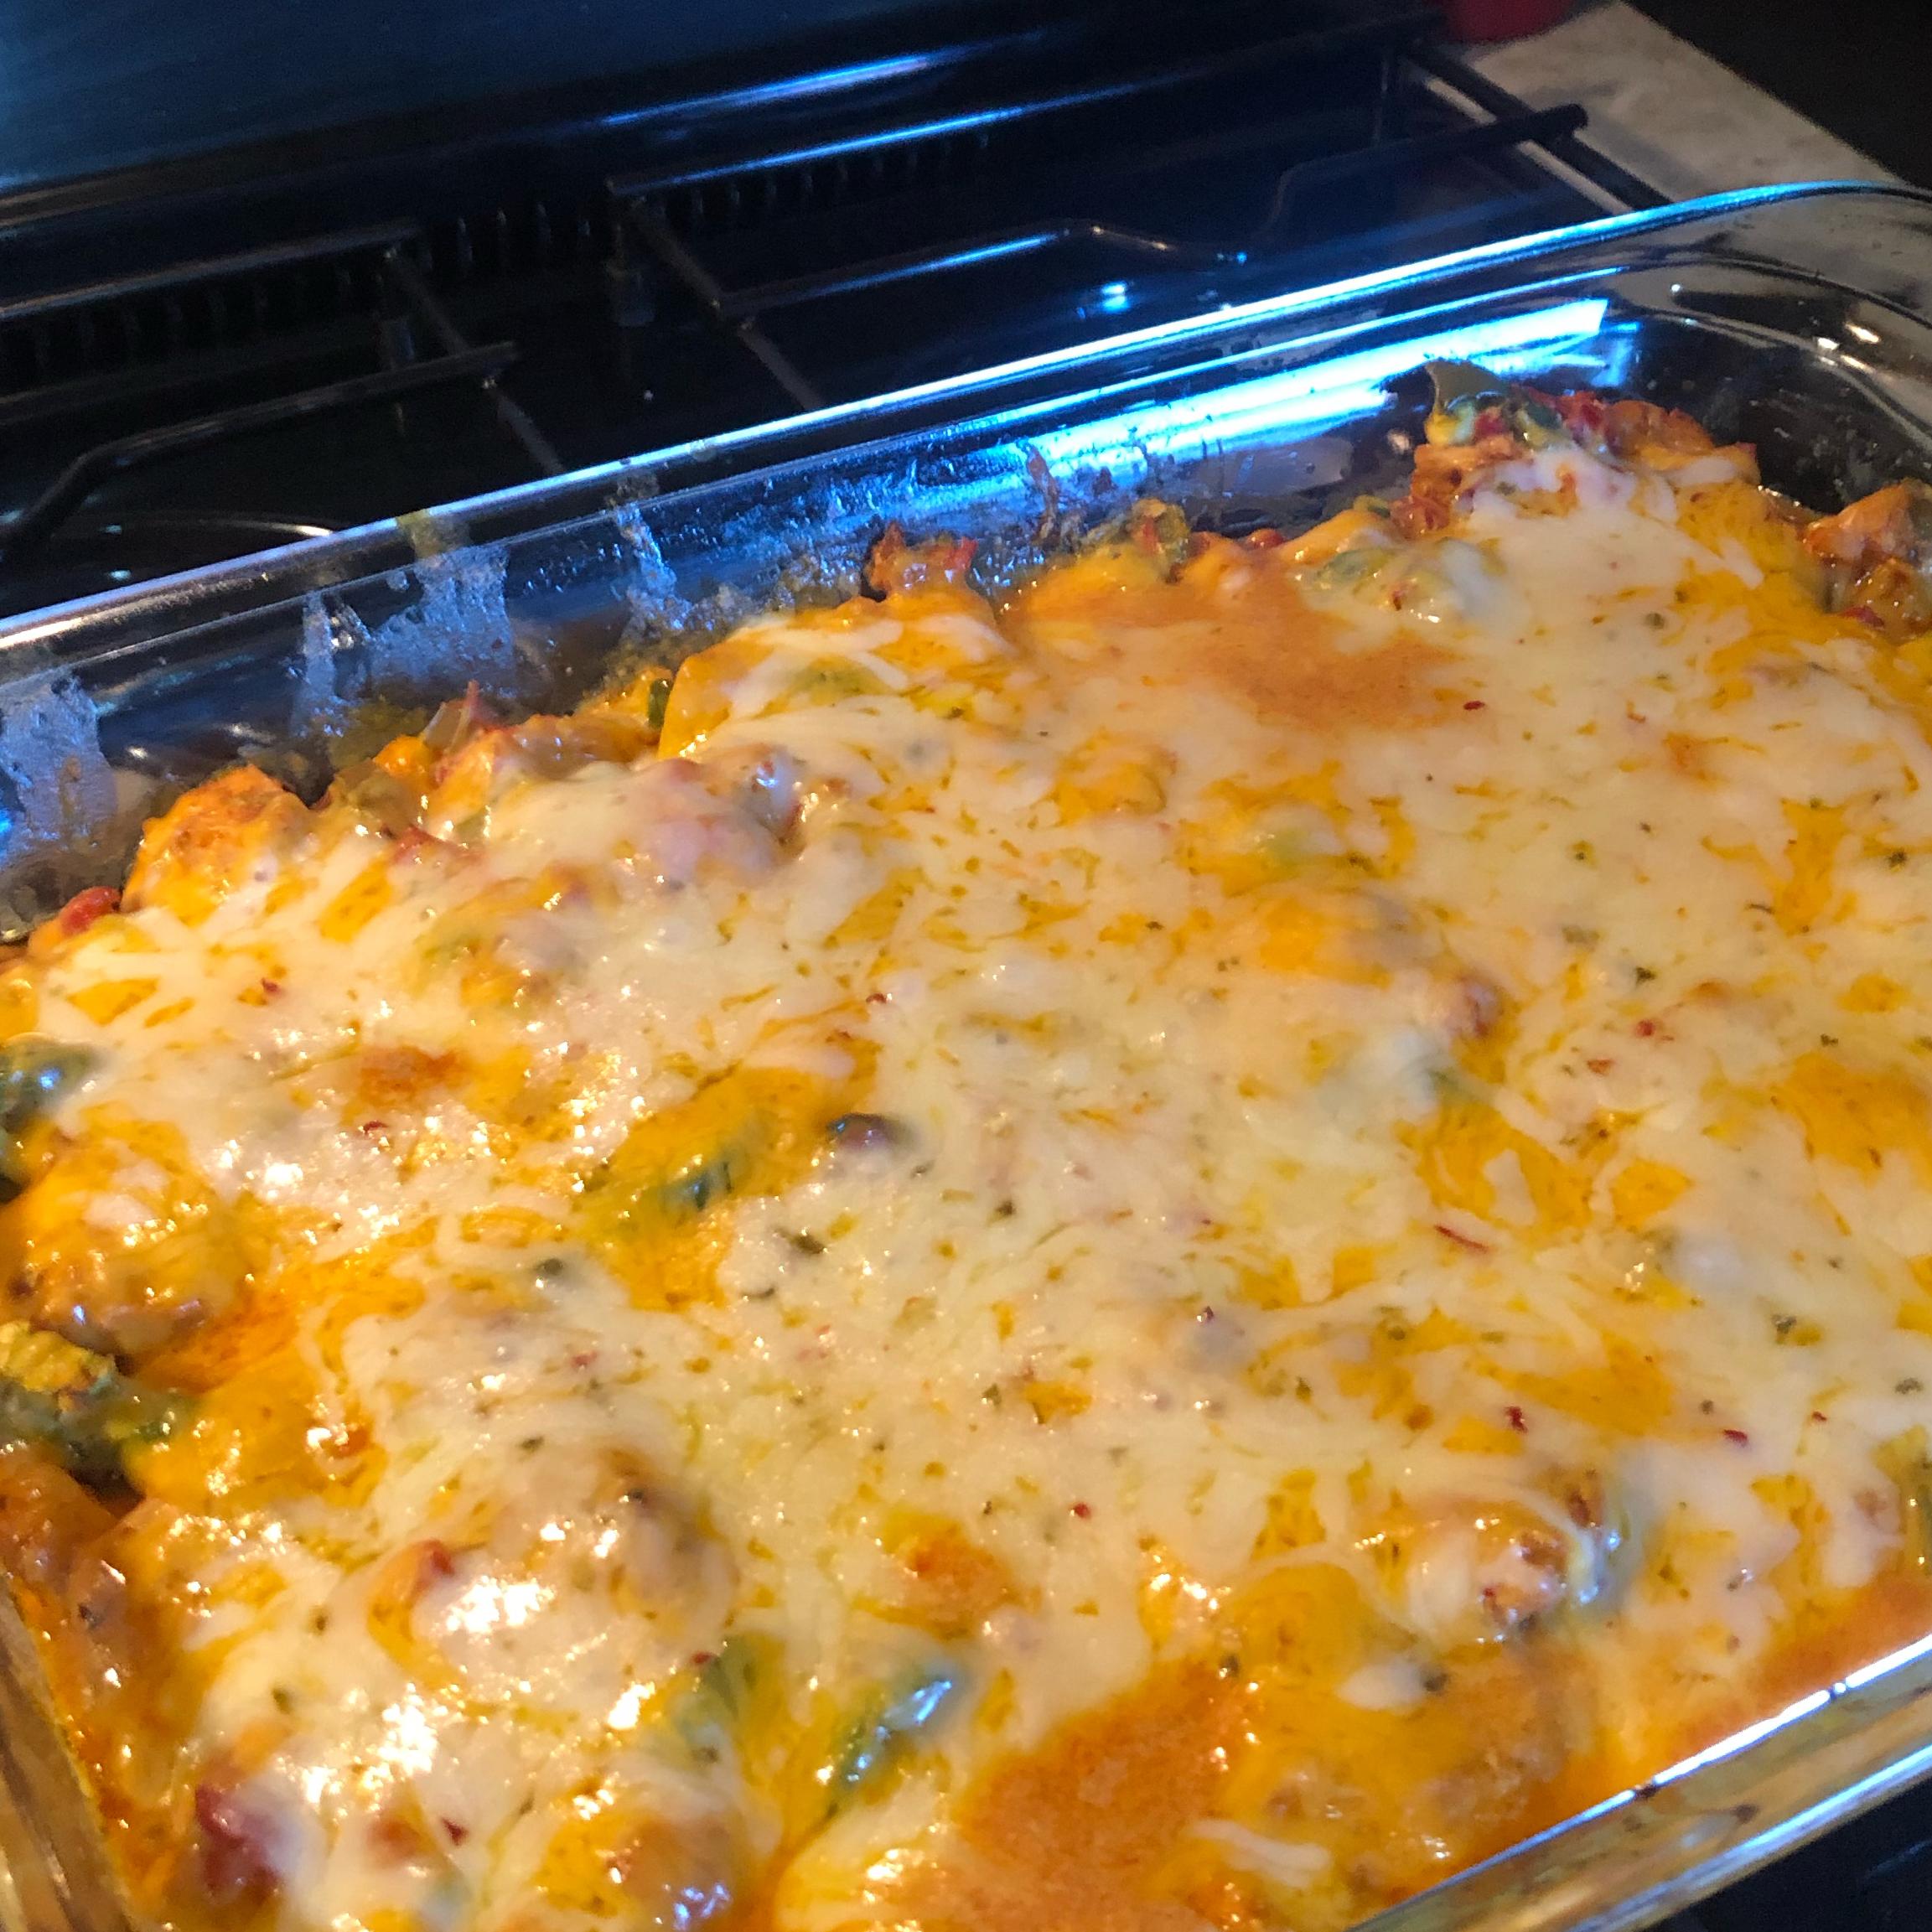 Spicy Keto Chicken-and-Cheese Casserole Soccerchef